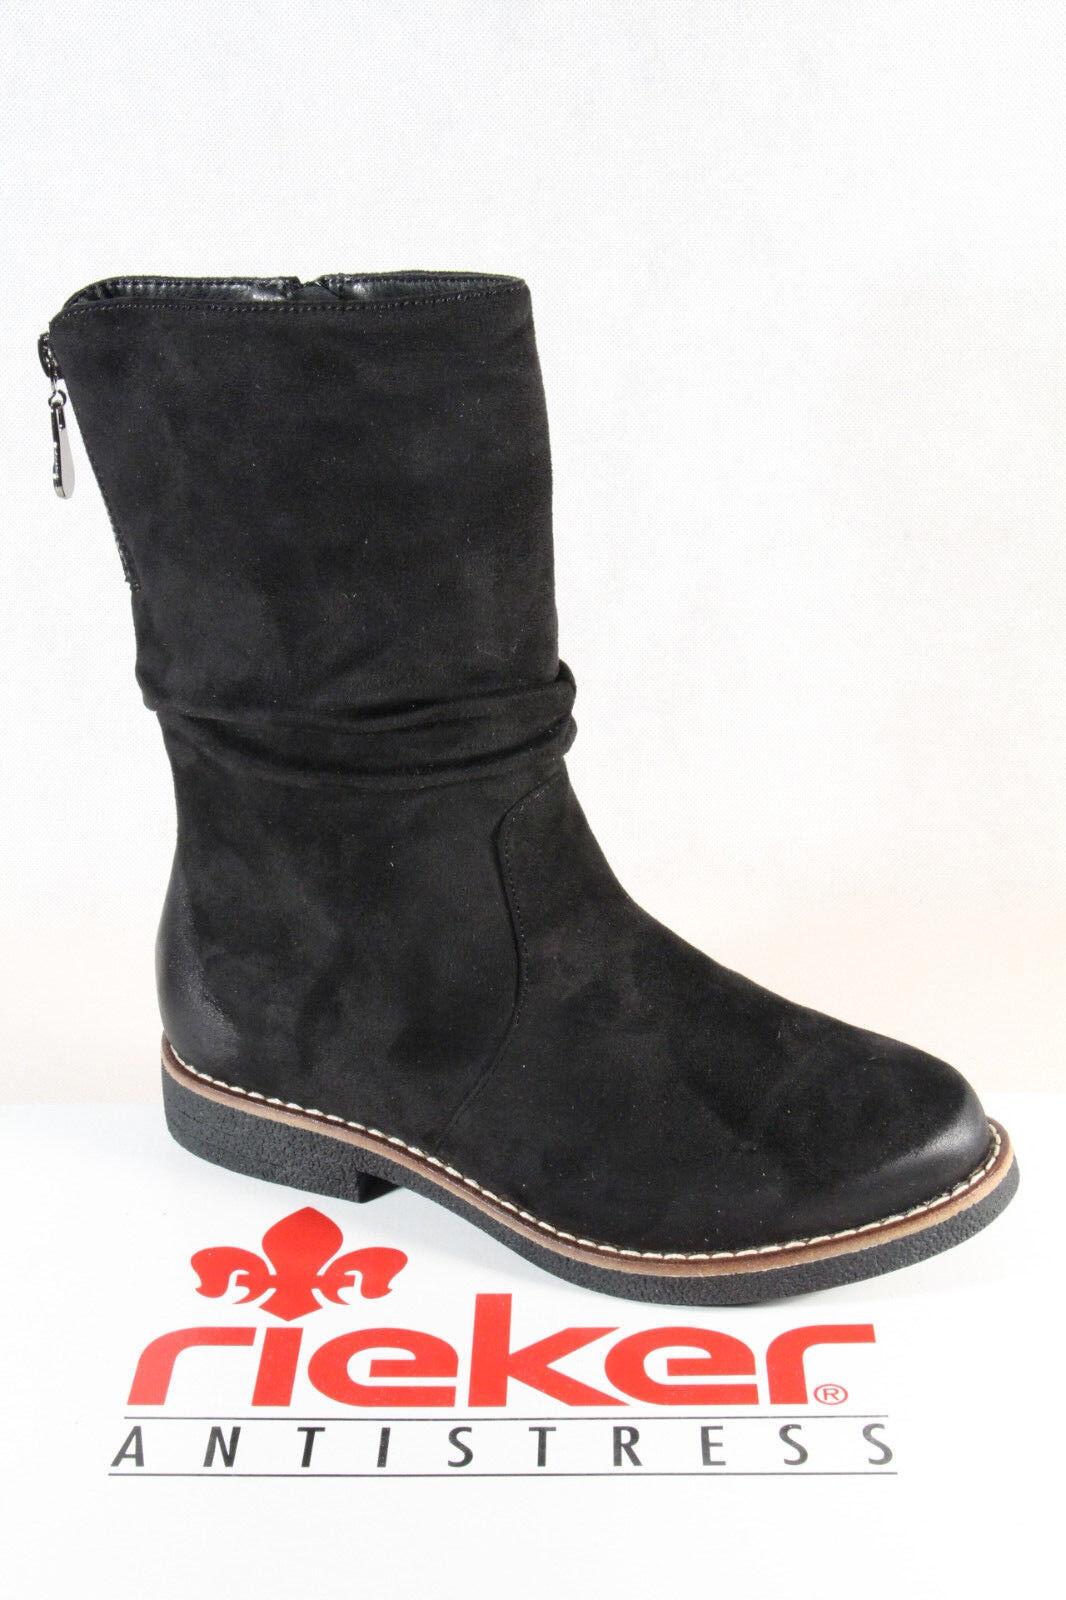 Rieker stivali  Ankle avvio stivali Winter stivali 97860 nero New  risparmia fino al 30-50% di sconto